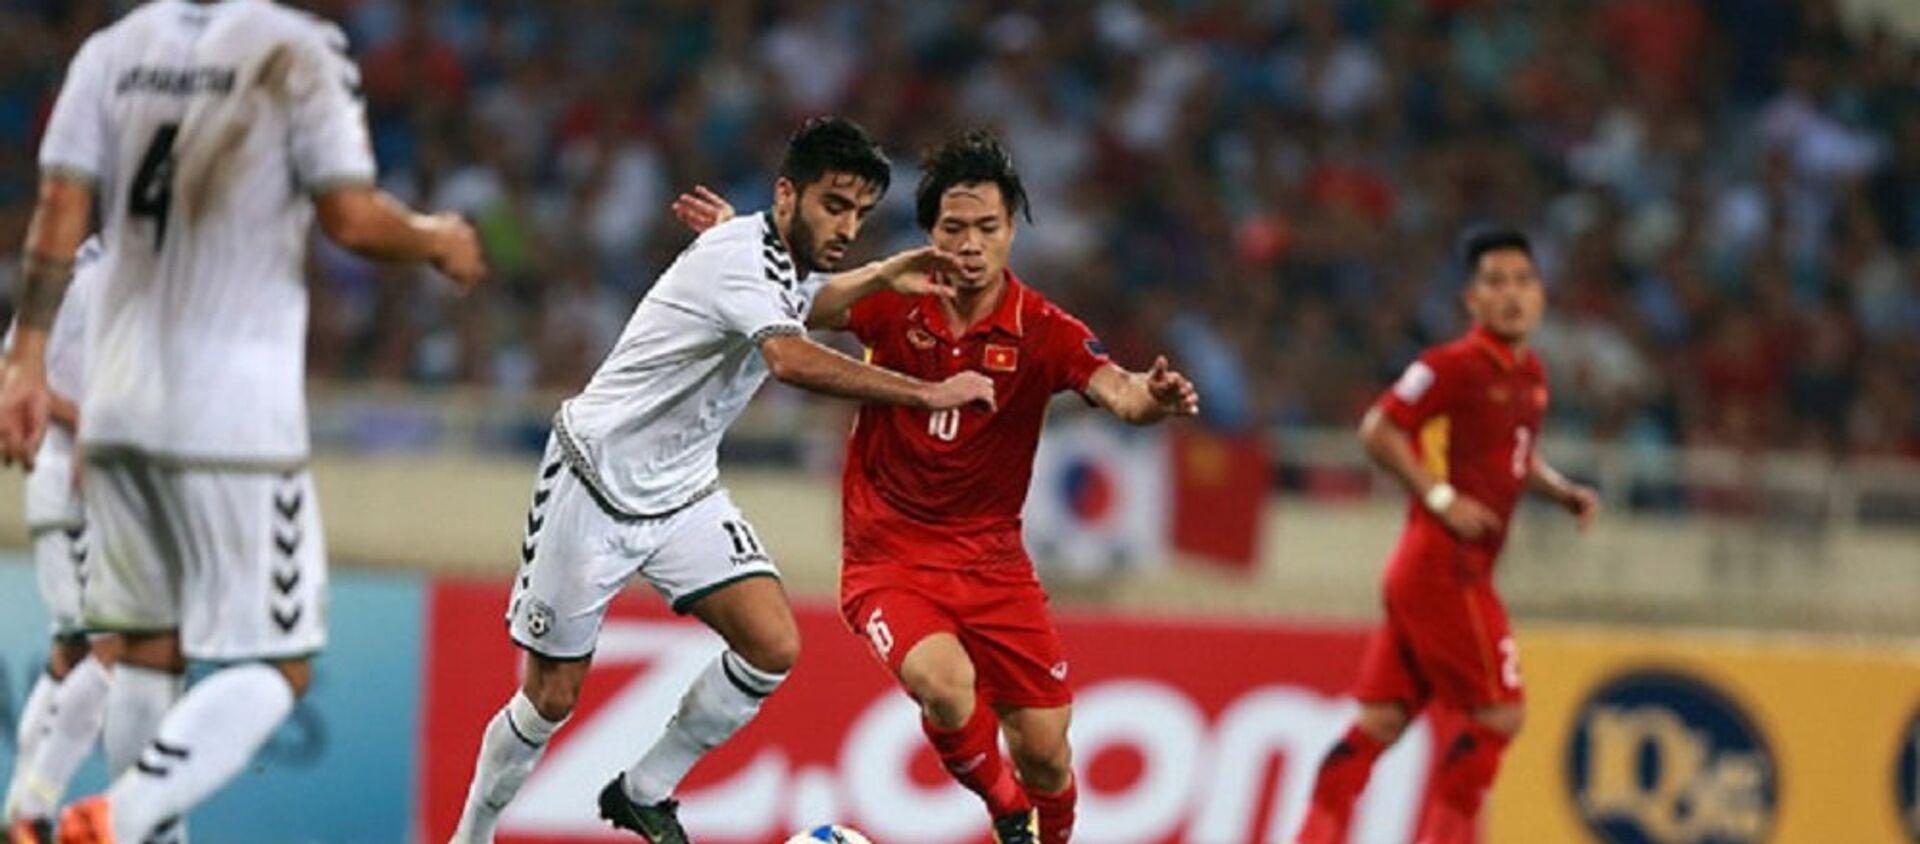 Đội tuyển Việt Nam (áo đỏ) đã có mặt ở vòng chung kết Asian Cup 2019  - Sputnik Việt Nam, 1920, 05.03.2020